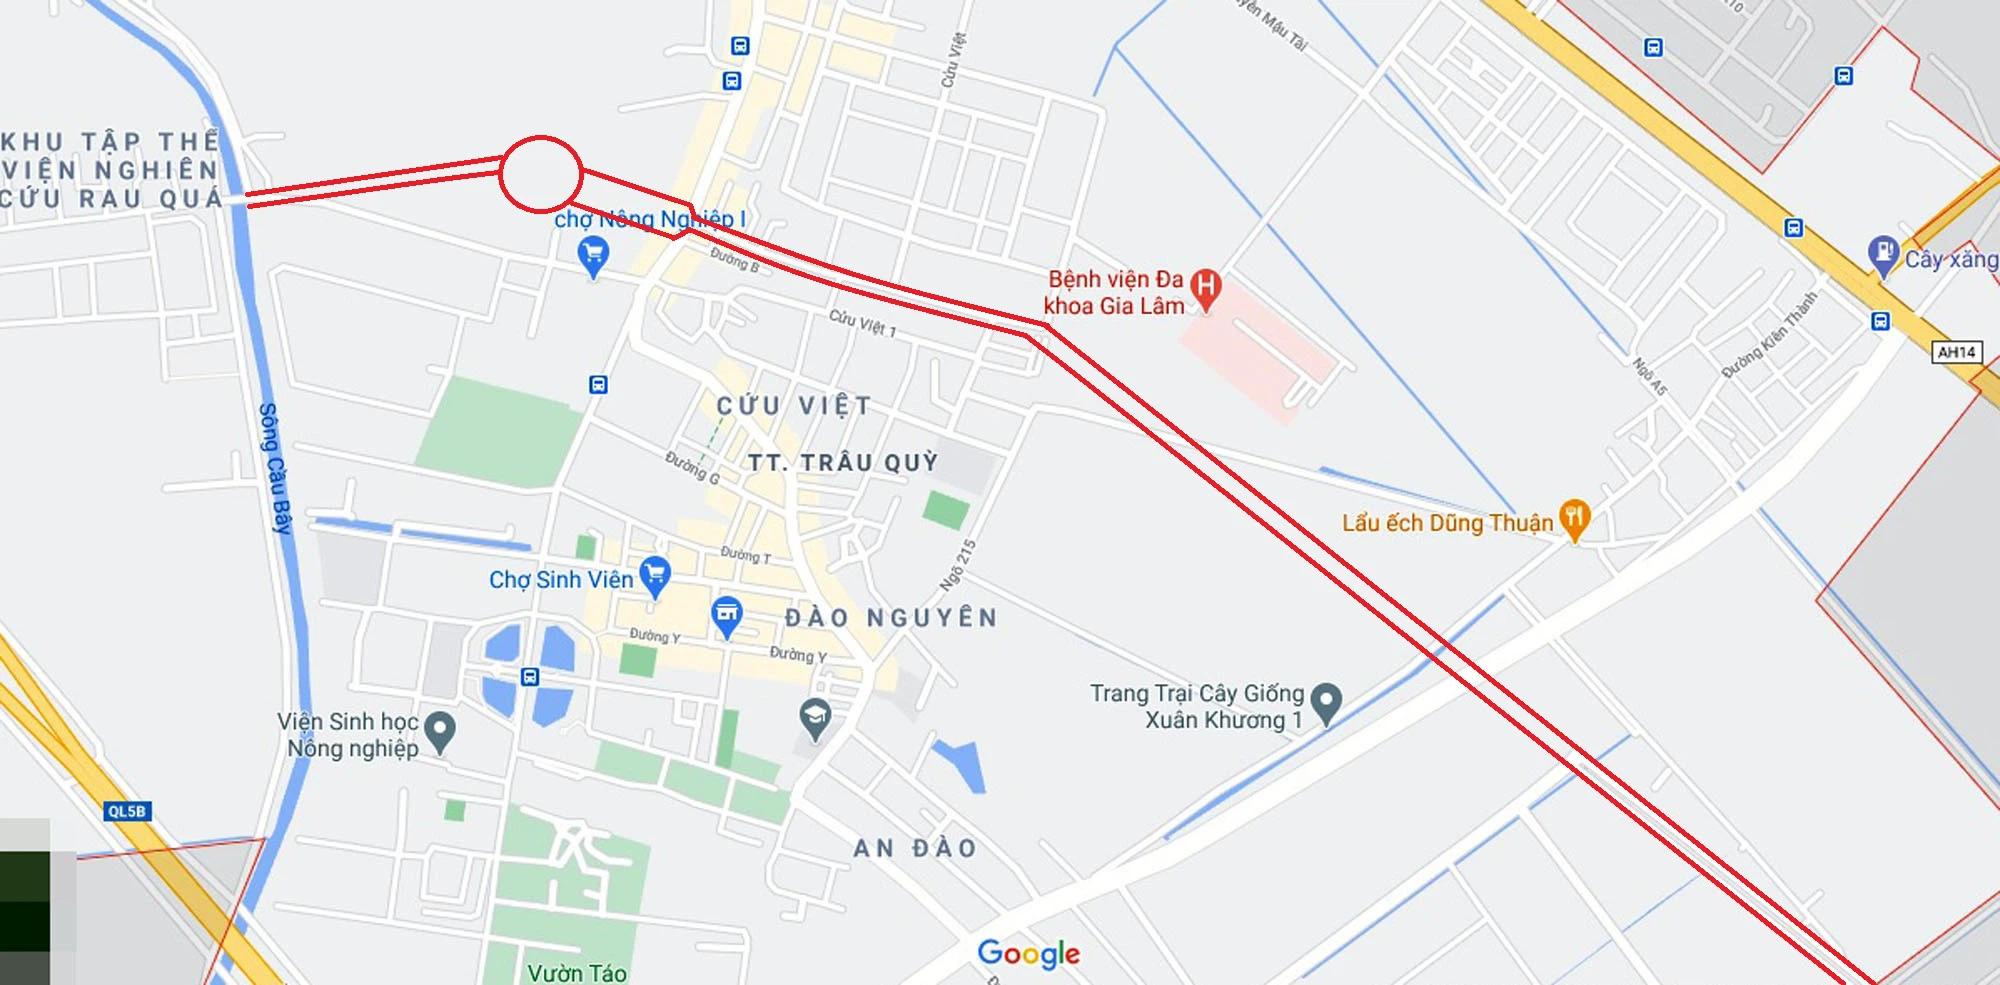 Toàn cảnh đường từ Kiêu Kỵ đến sông Cầu Bây qua Vinhomes Ocean Park đang mở theo quy hoạch ở Hà Nội - Ảnh 1.